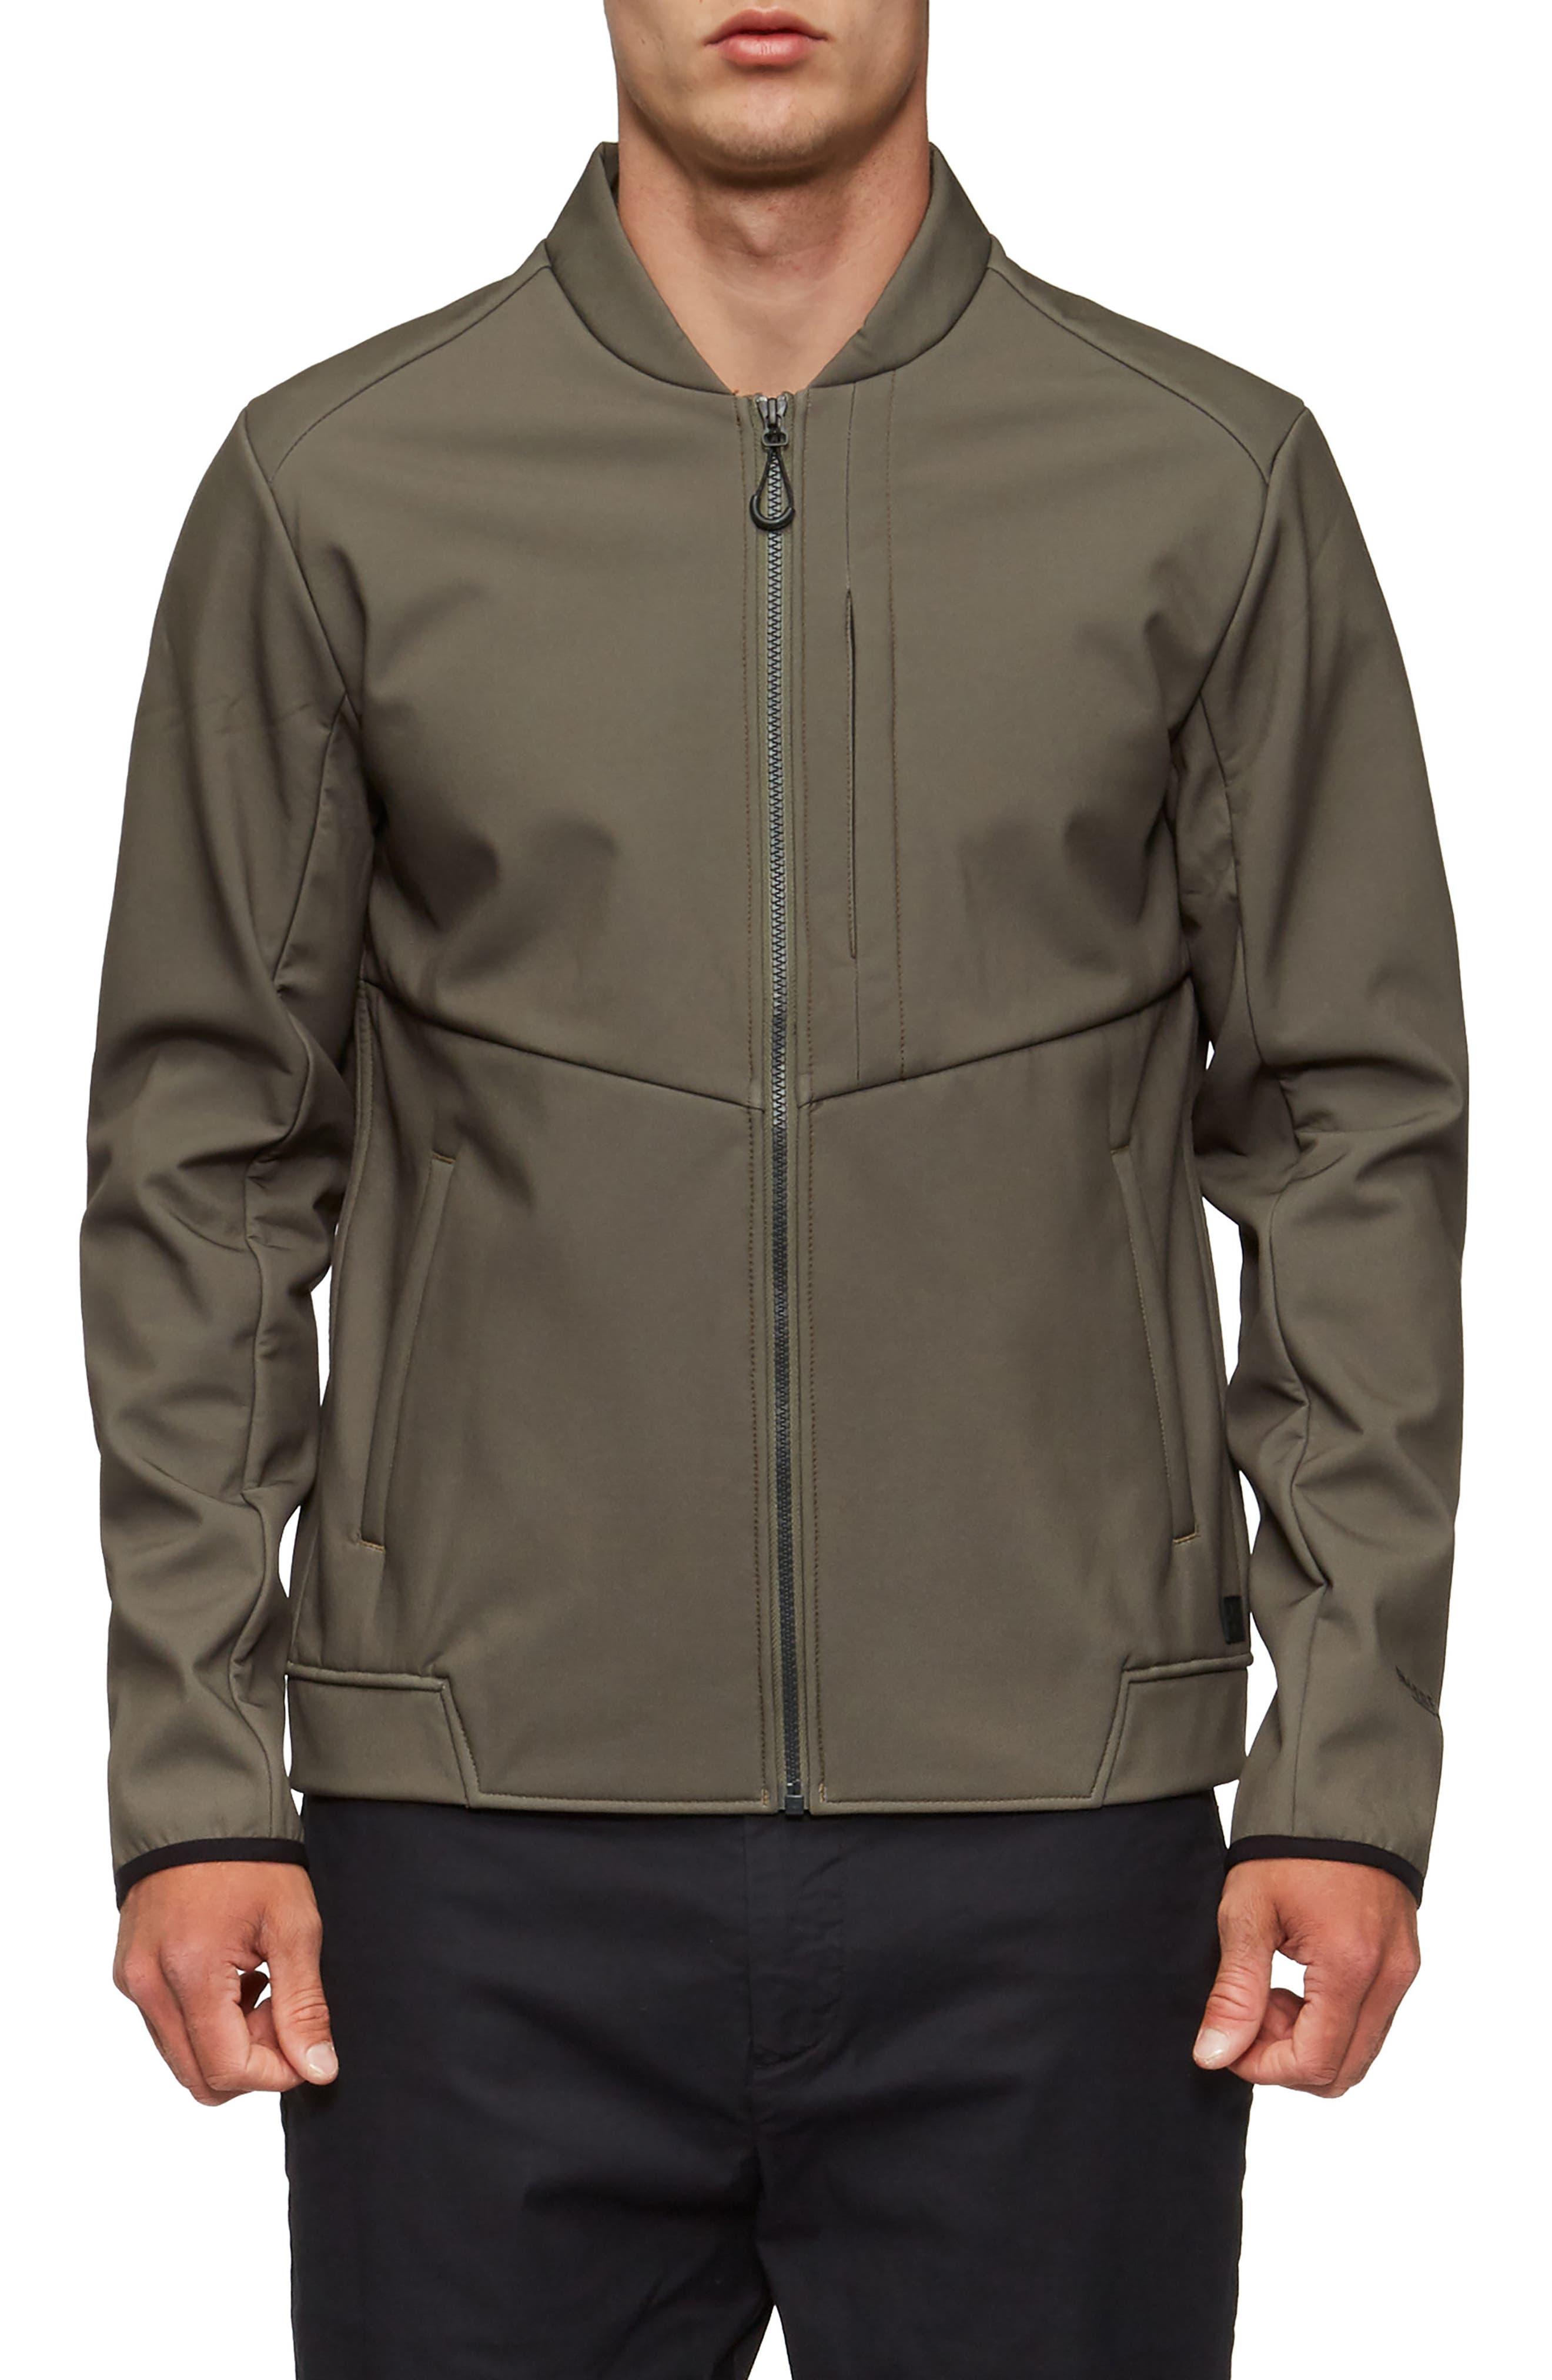 TAVIK Decoy Fleece Jacket